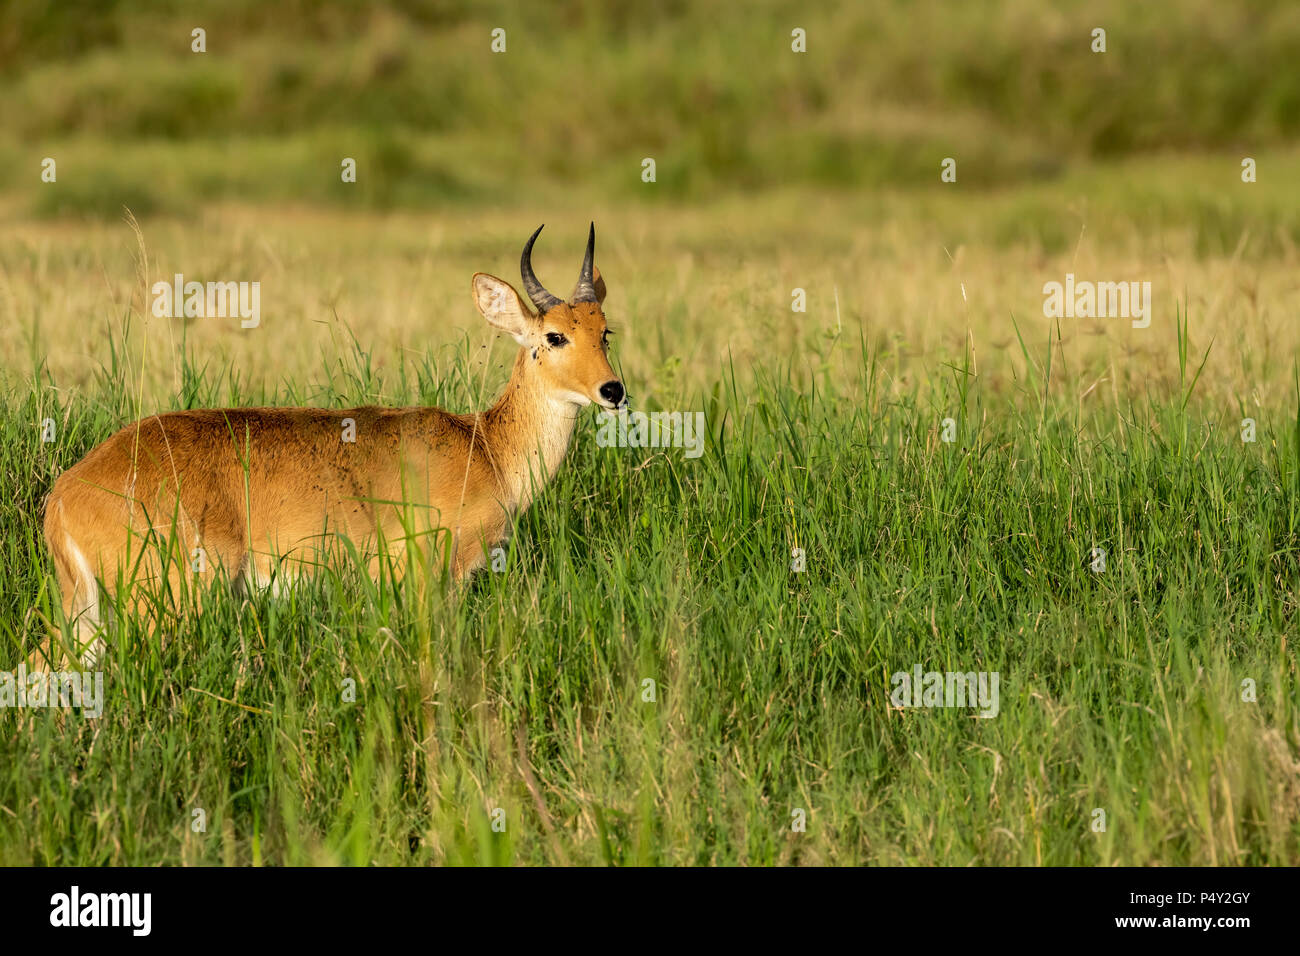 Reedbuck común (Redunca arundinum) se alimentan de la sabana en el Parque nacional Serengeti, Tanzania Imagen De Stock